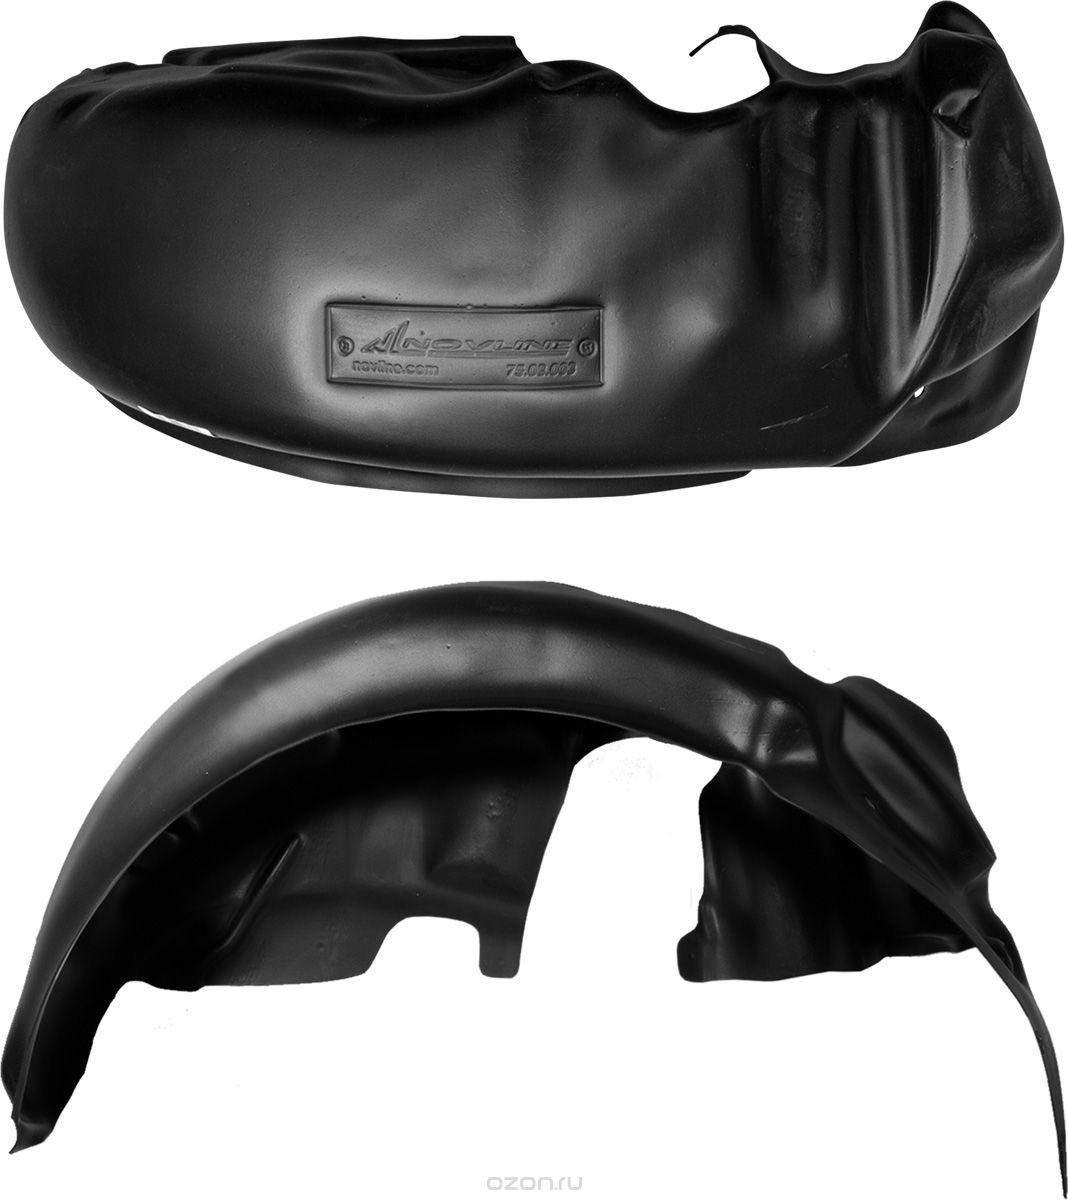 Подкрылок Novline-Autofamily, для PEUGEOT 107 2005-2014, передний левыйNLL.38.07.001Идеальная защита колесной ниши. Локеры разработаны с применением цифровых технологий, гарантируют максимальную повторяемость поверхности арки. Изделия устанавливаются без нарушения лакокрасочного покрытия автомобиля, каждый подкрылок комплектуется крепежом. Уважаемые клиенты, обращаем ваше внимание, что фотографии на подкрылки универсальные и не отражают реальную форму изделия. При этом само изделие идет точно под размер указанного автомобиля.